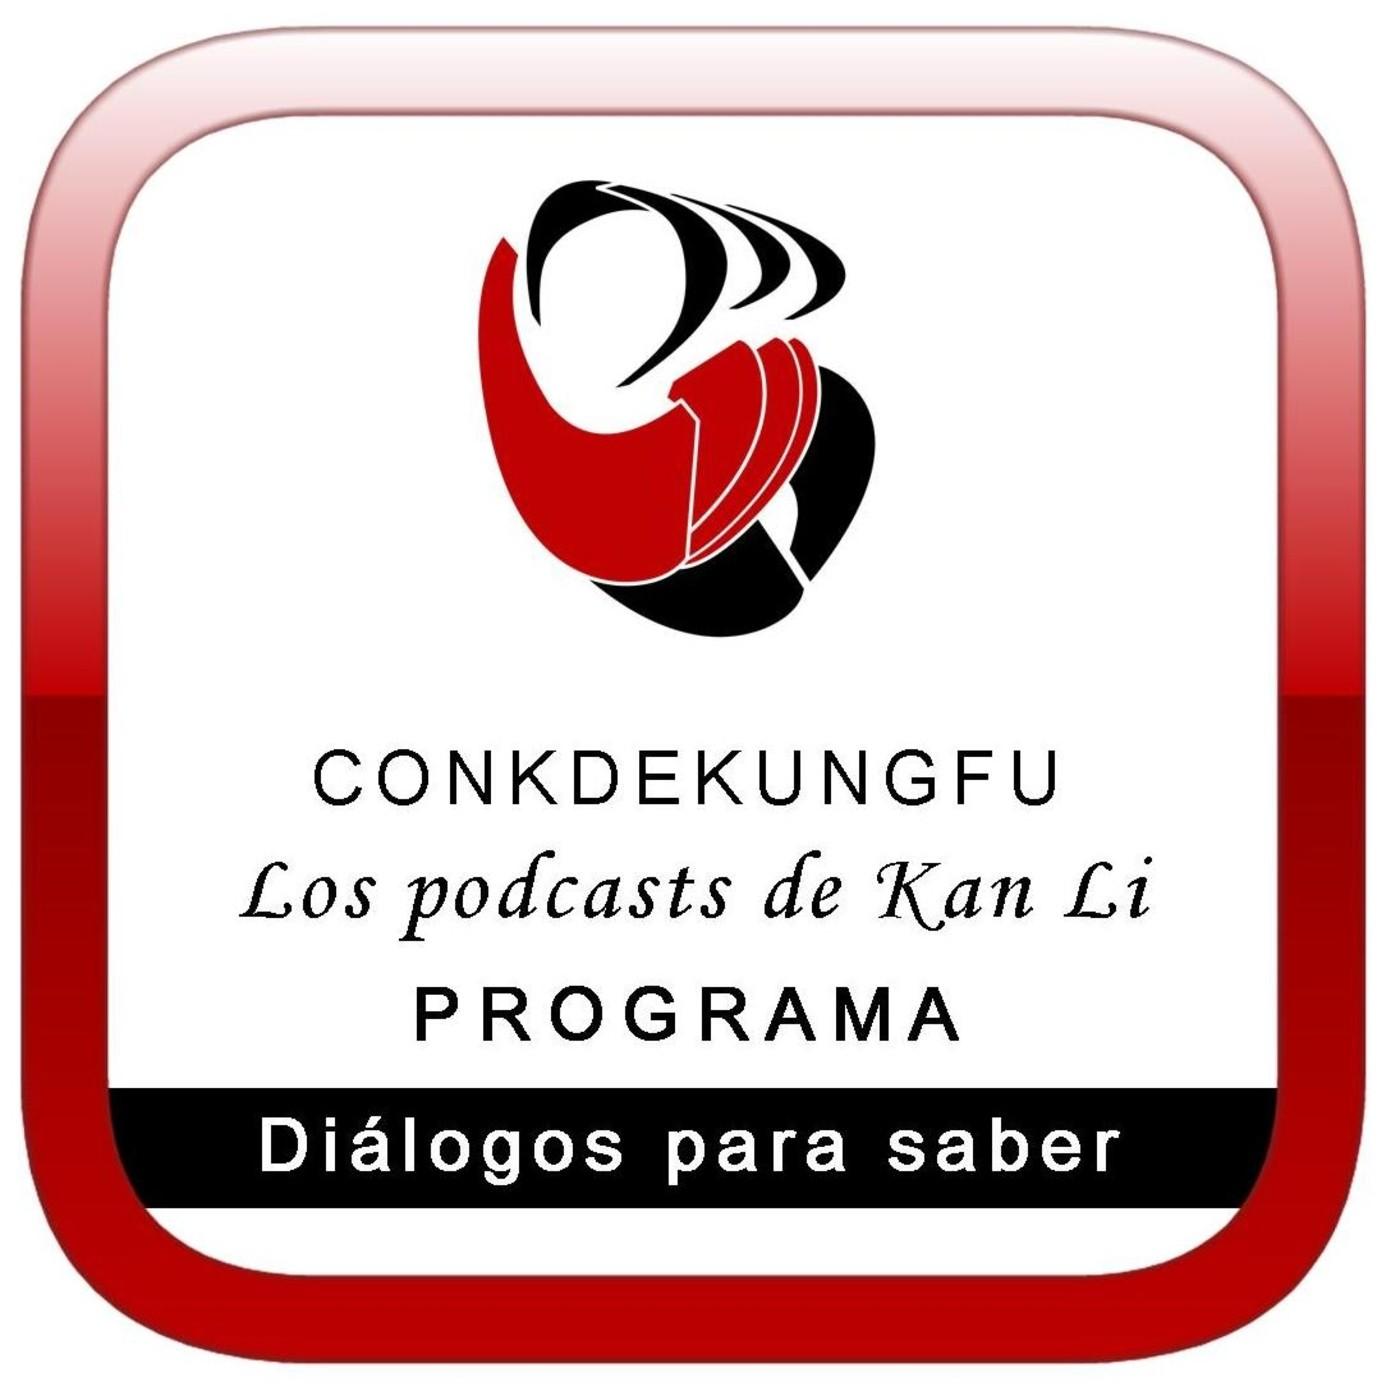 Diálogos para saber